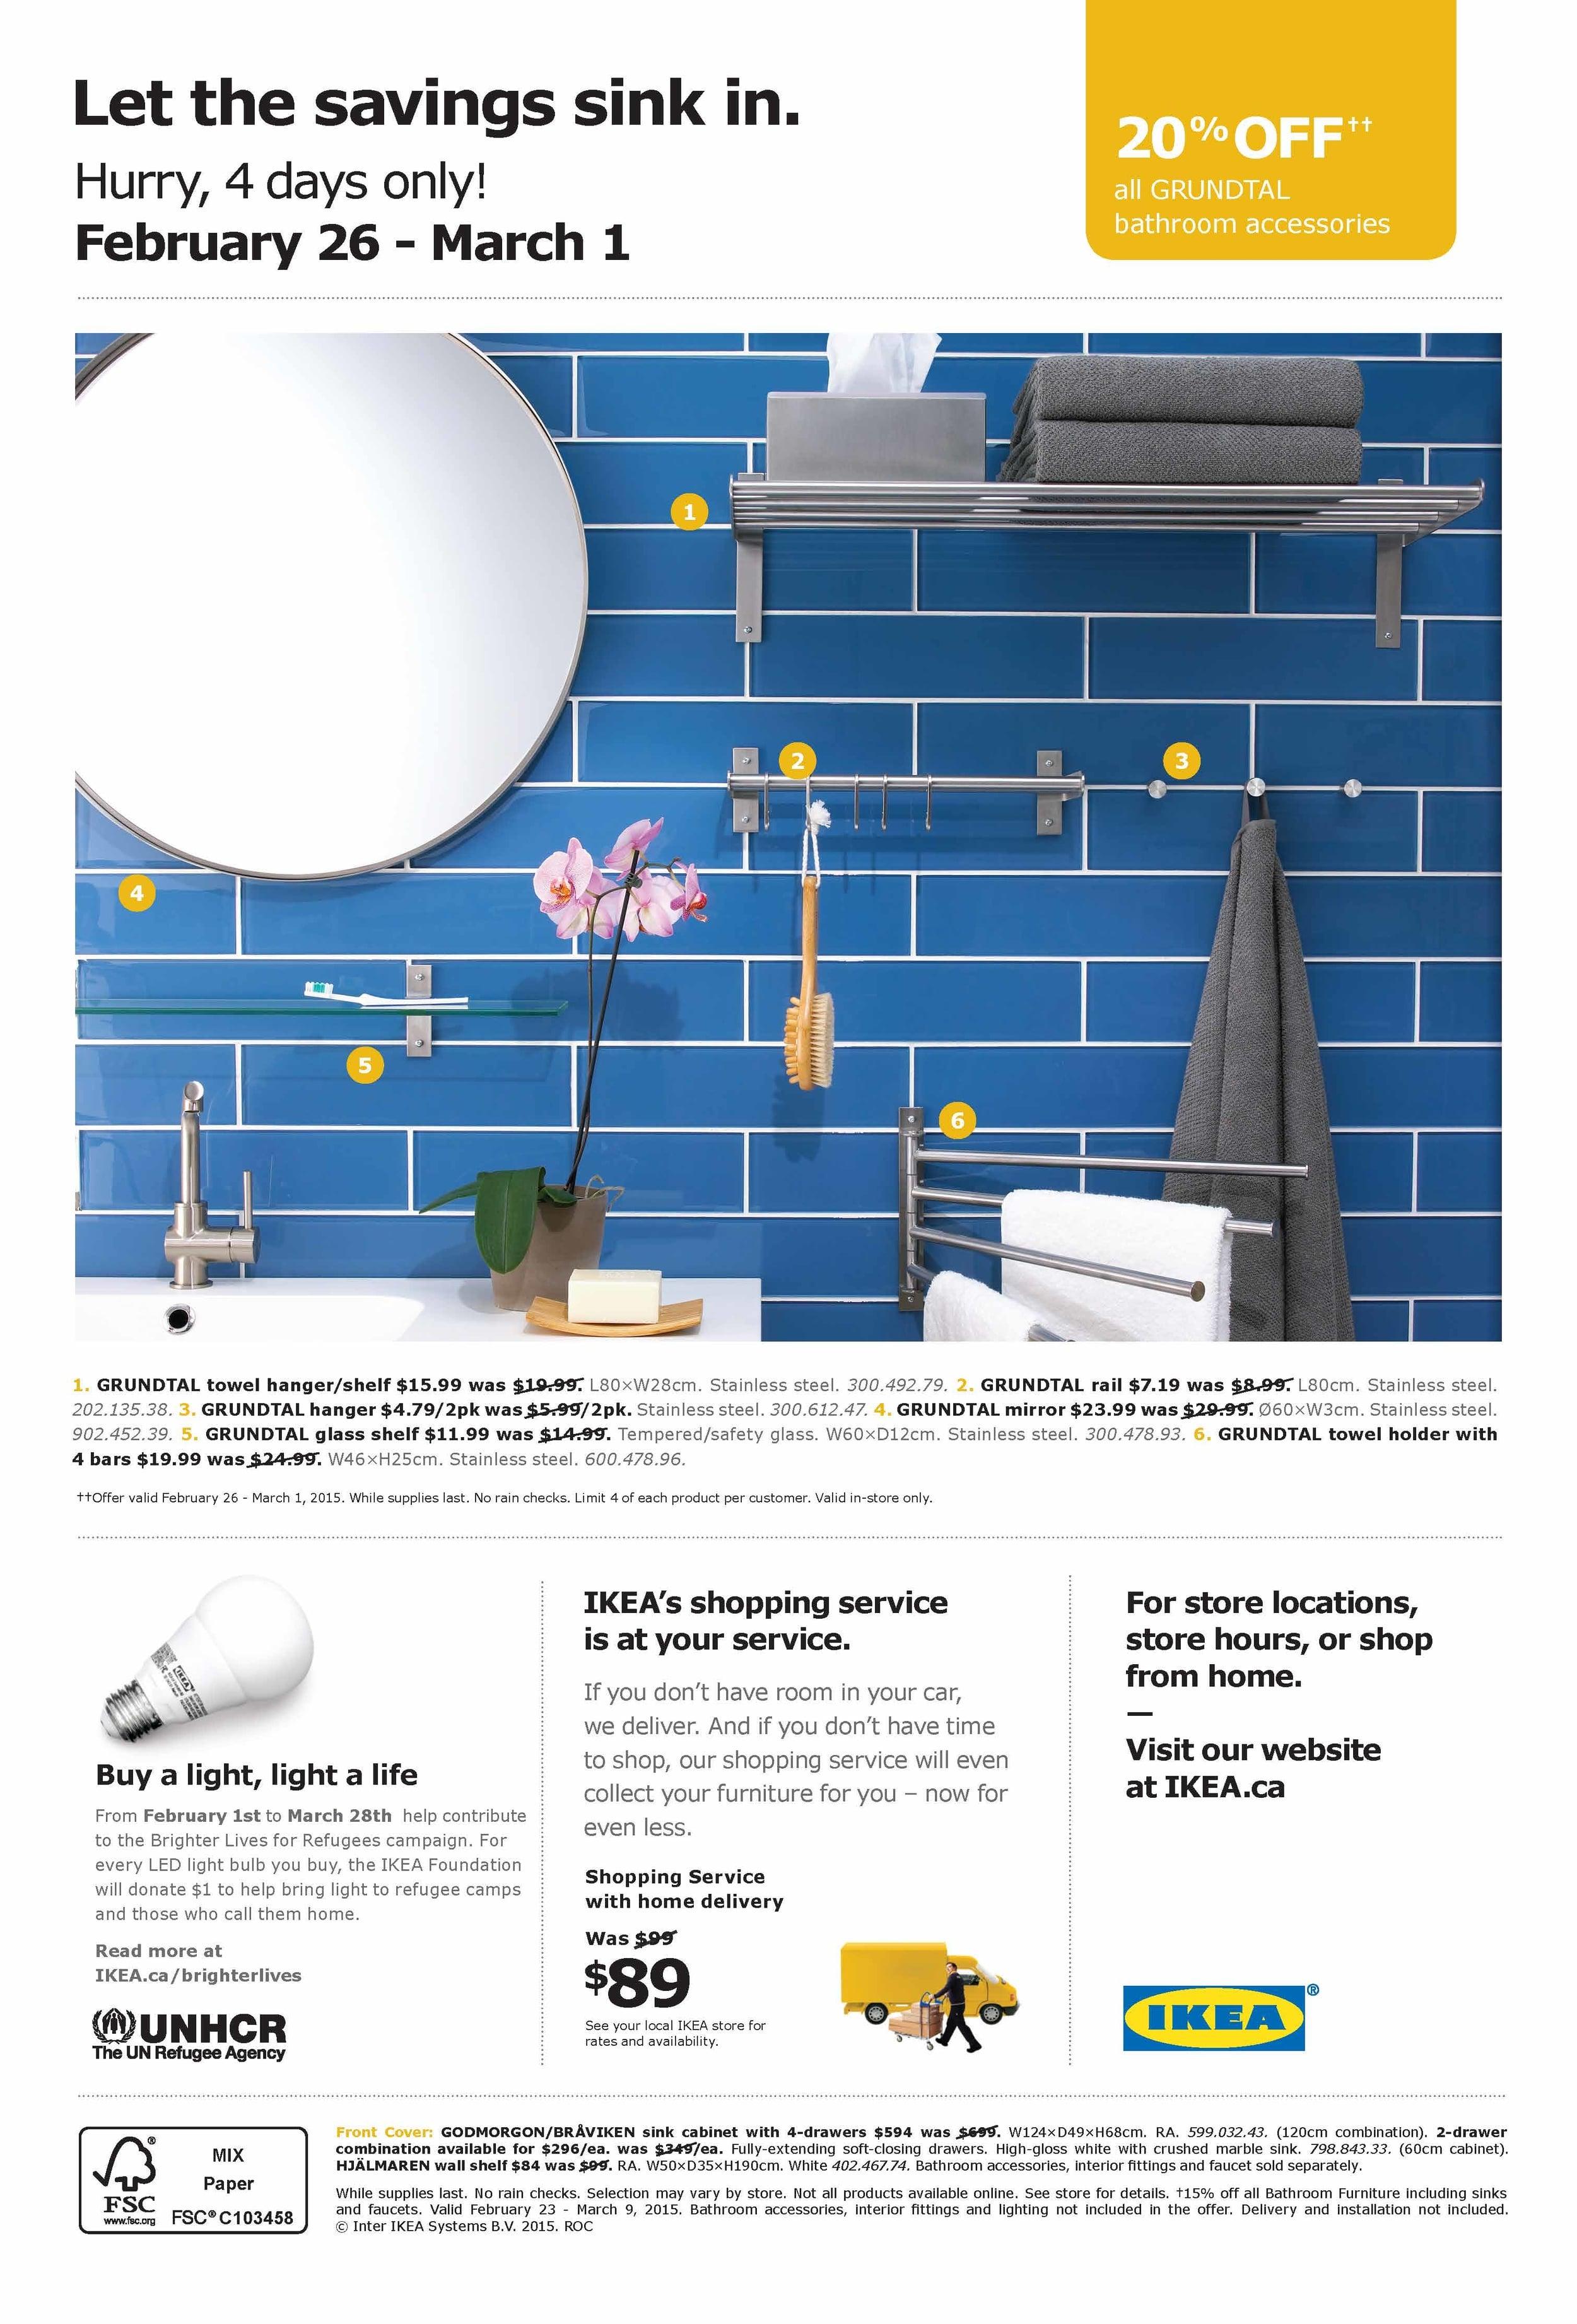 U5101 WK 9 Kitchen Bath Flyer_EN_ROC_Page_8.jpg